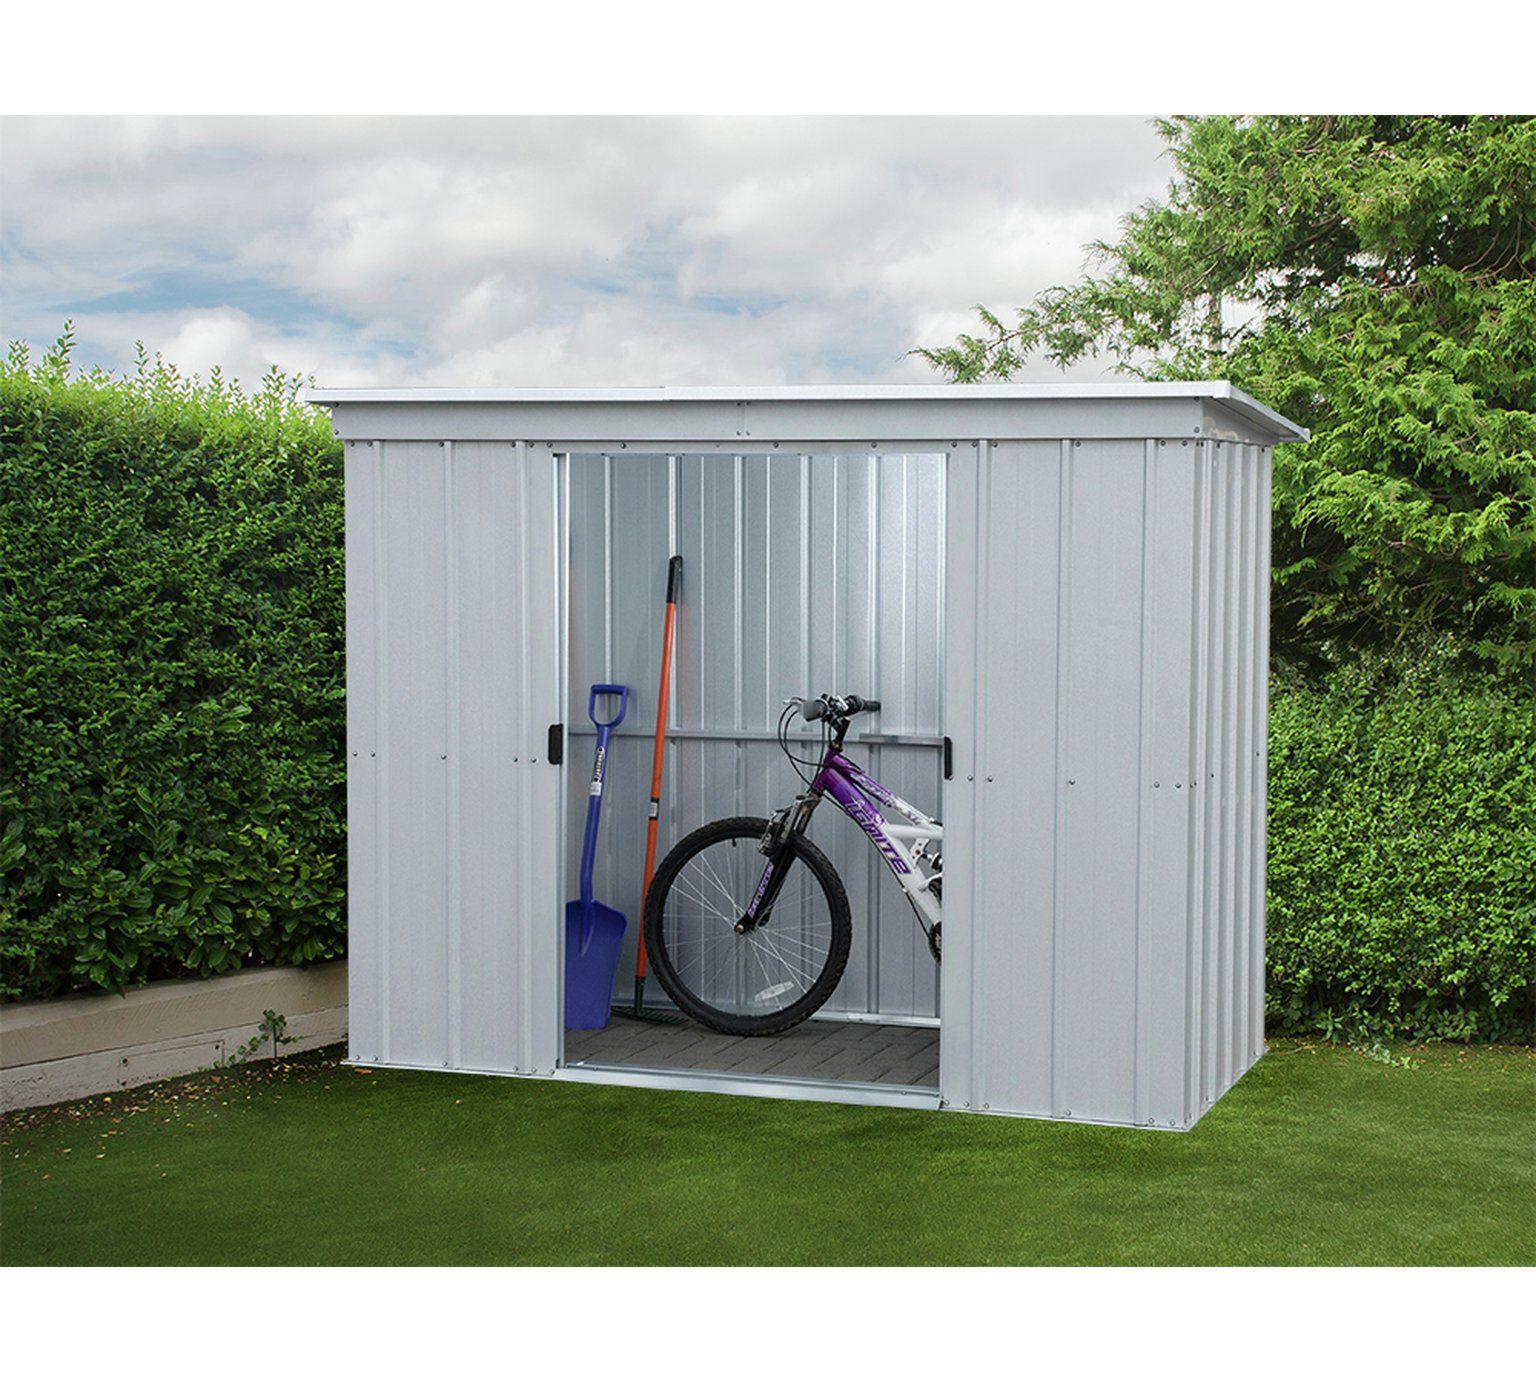 Yardmaster 10 x 4 Pent Metal Shed Garden shed diy, Metal